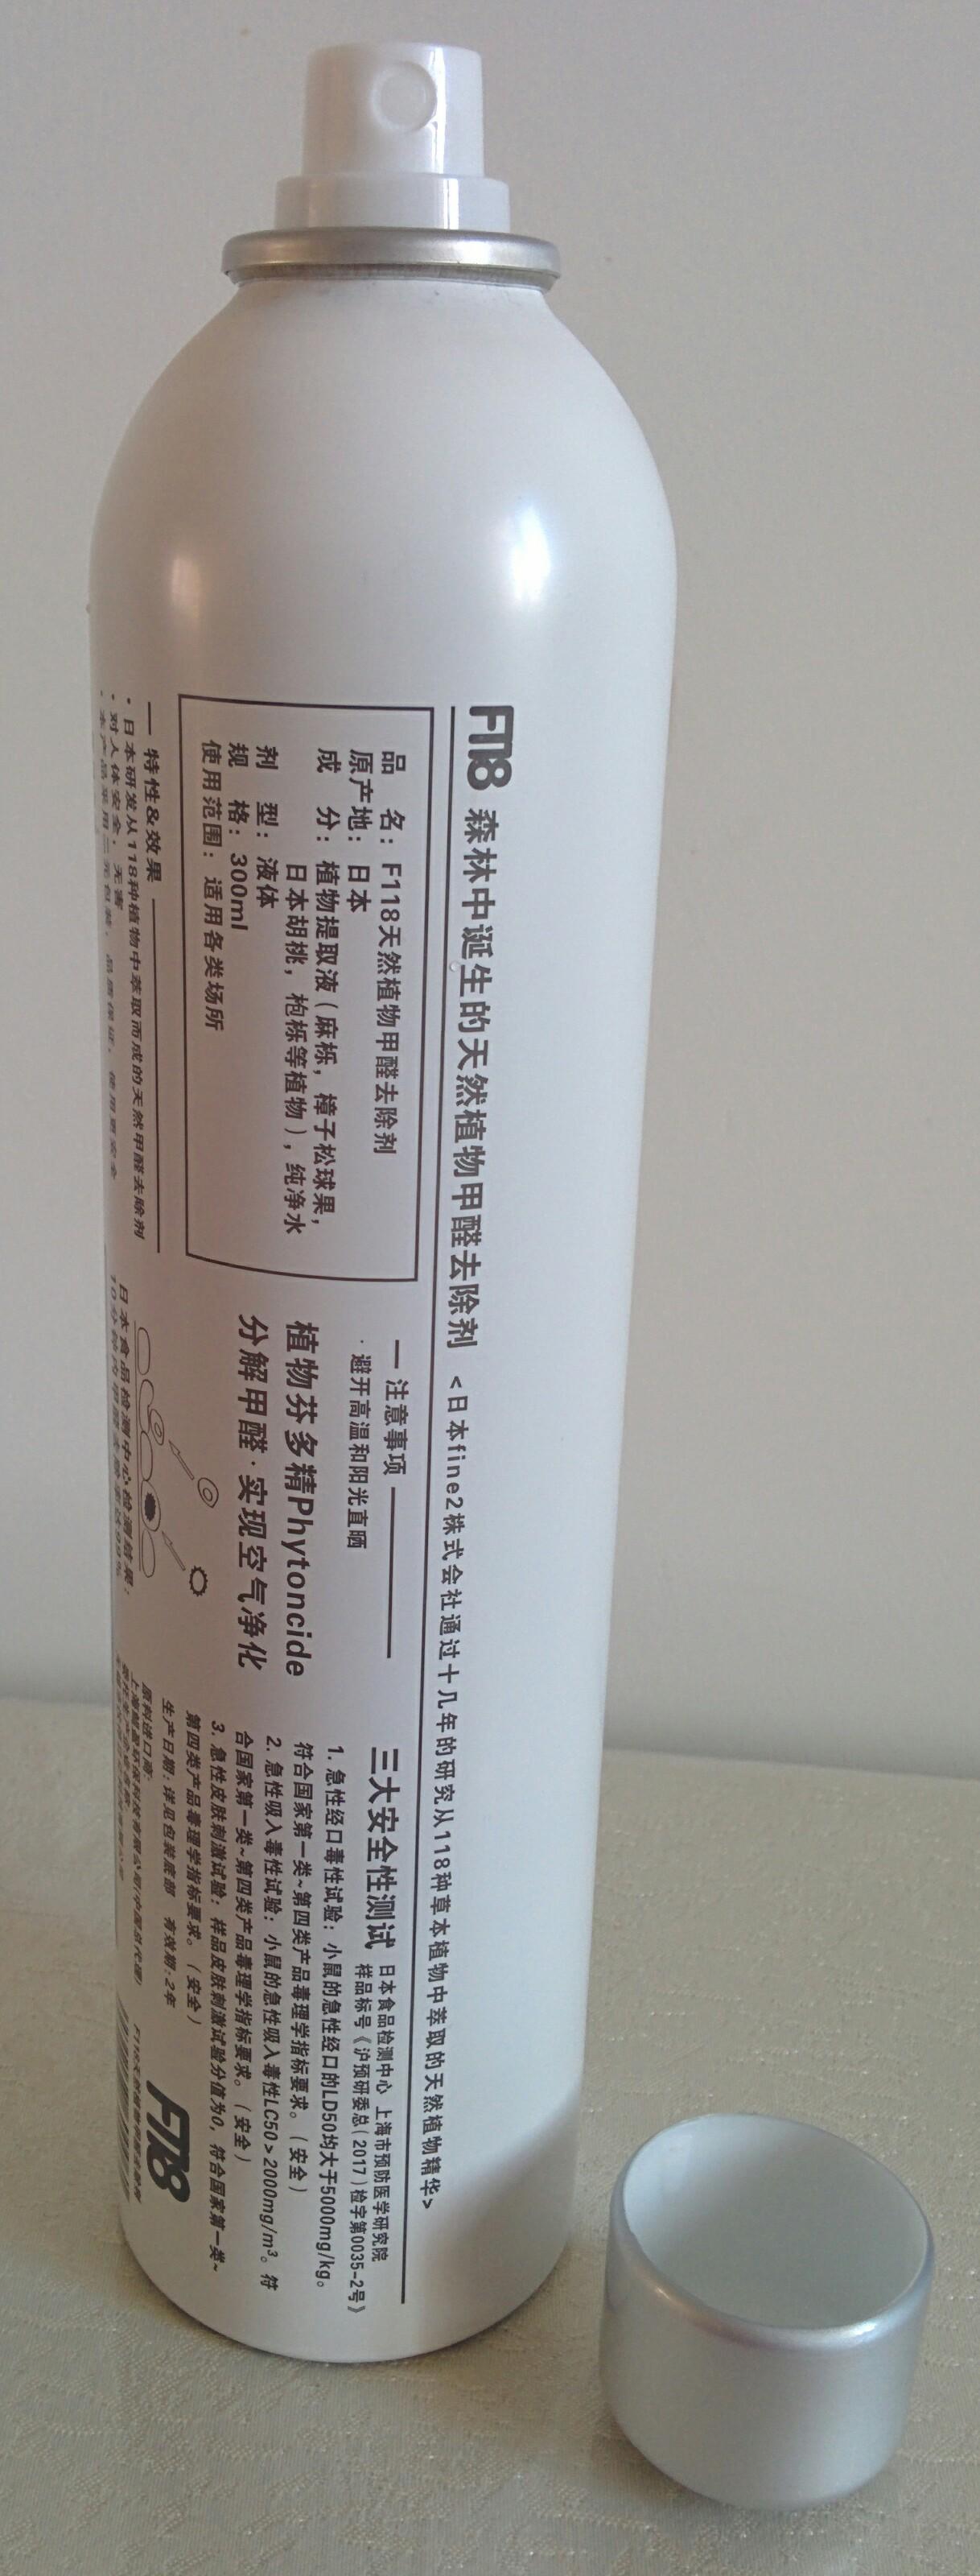 我买日本F118本想除烟味,但试过后发现不现实,但除甲醛应该不错